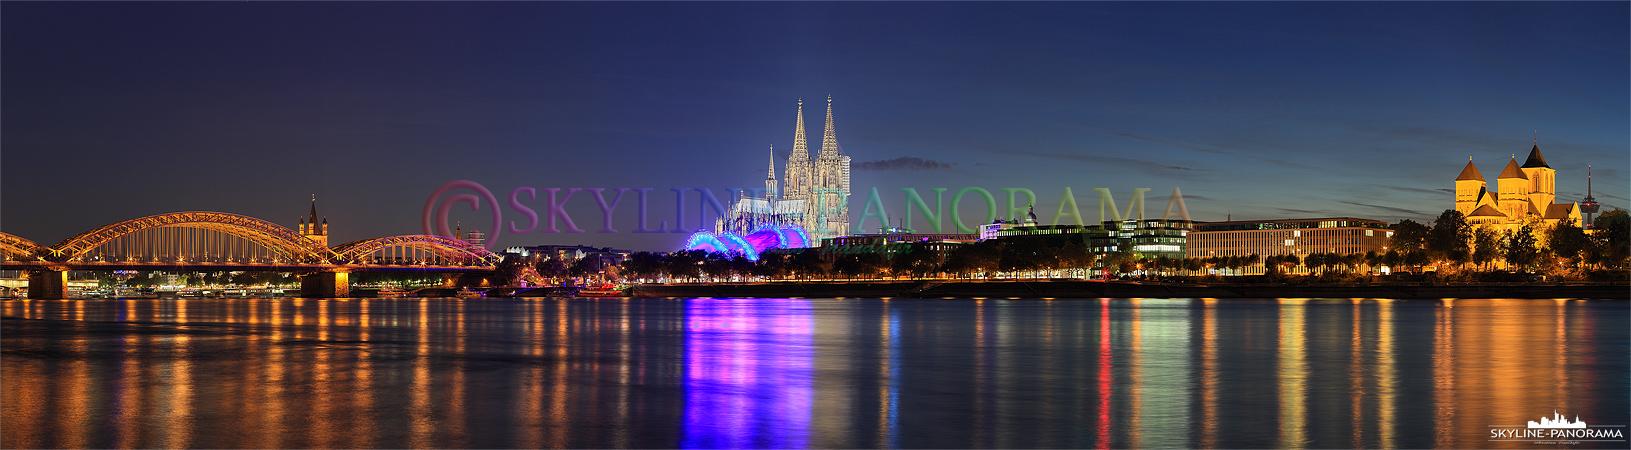 Kölner Dom zur Nacht - Das Köln Panorama mit dem alles überragenden Kölner Dom vom Rheinpark, zwischen der Hohenzollernbrücke und der Zoobrücke aus gesehen.